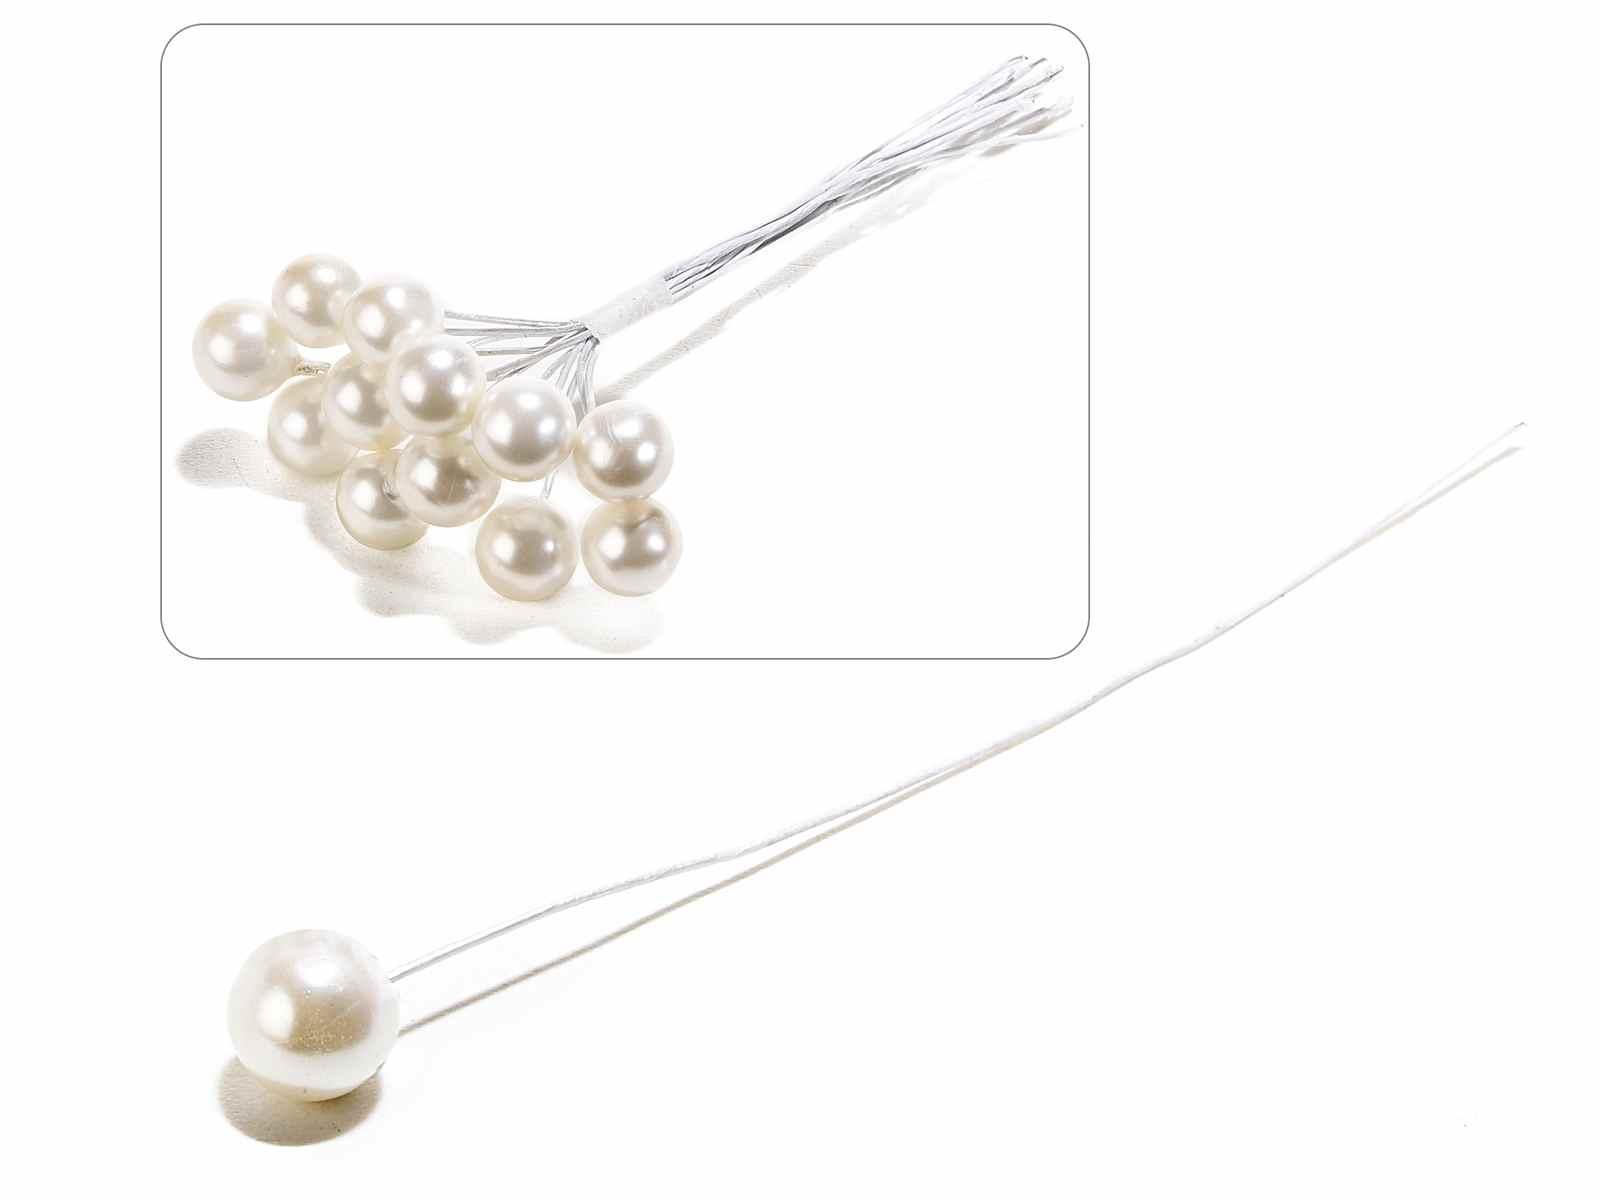 Perla avorio lucida con gambo modellabile